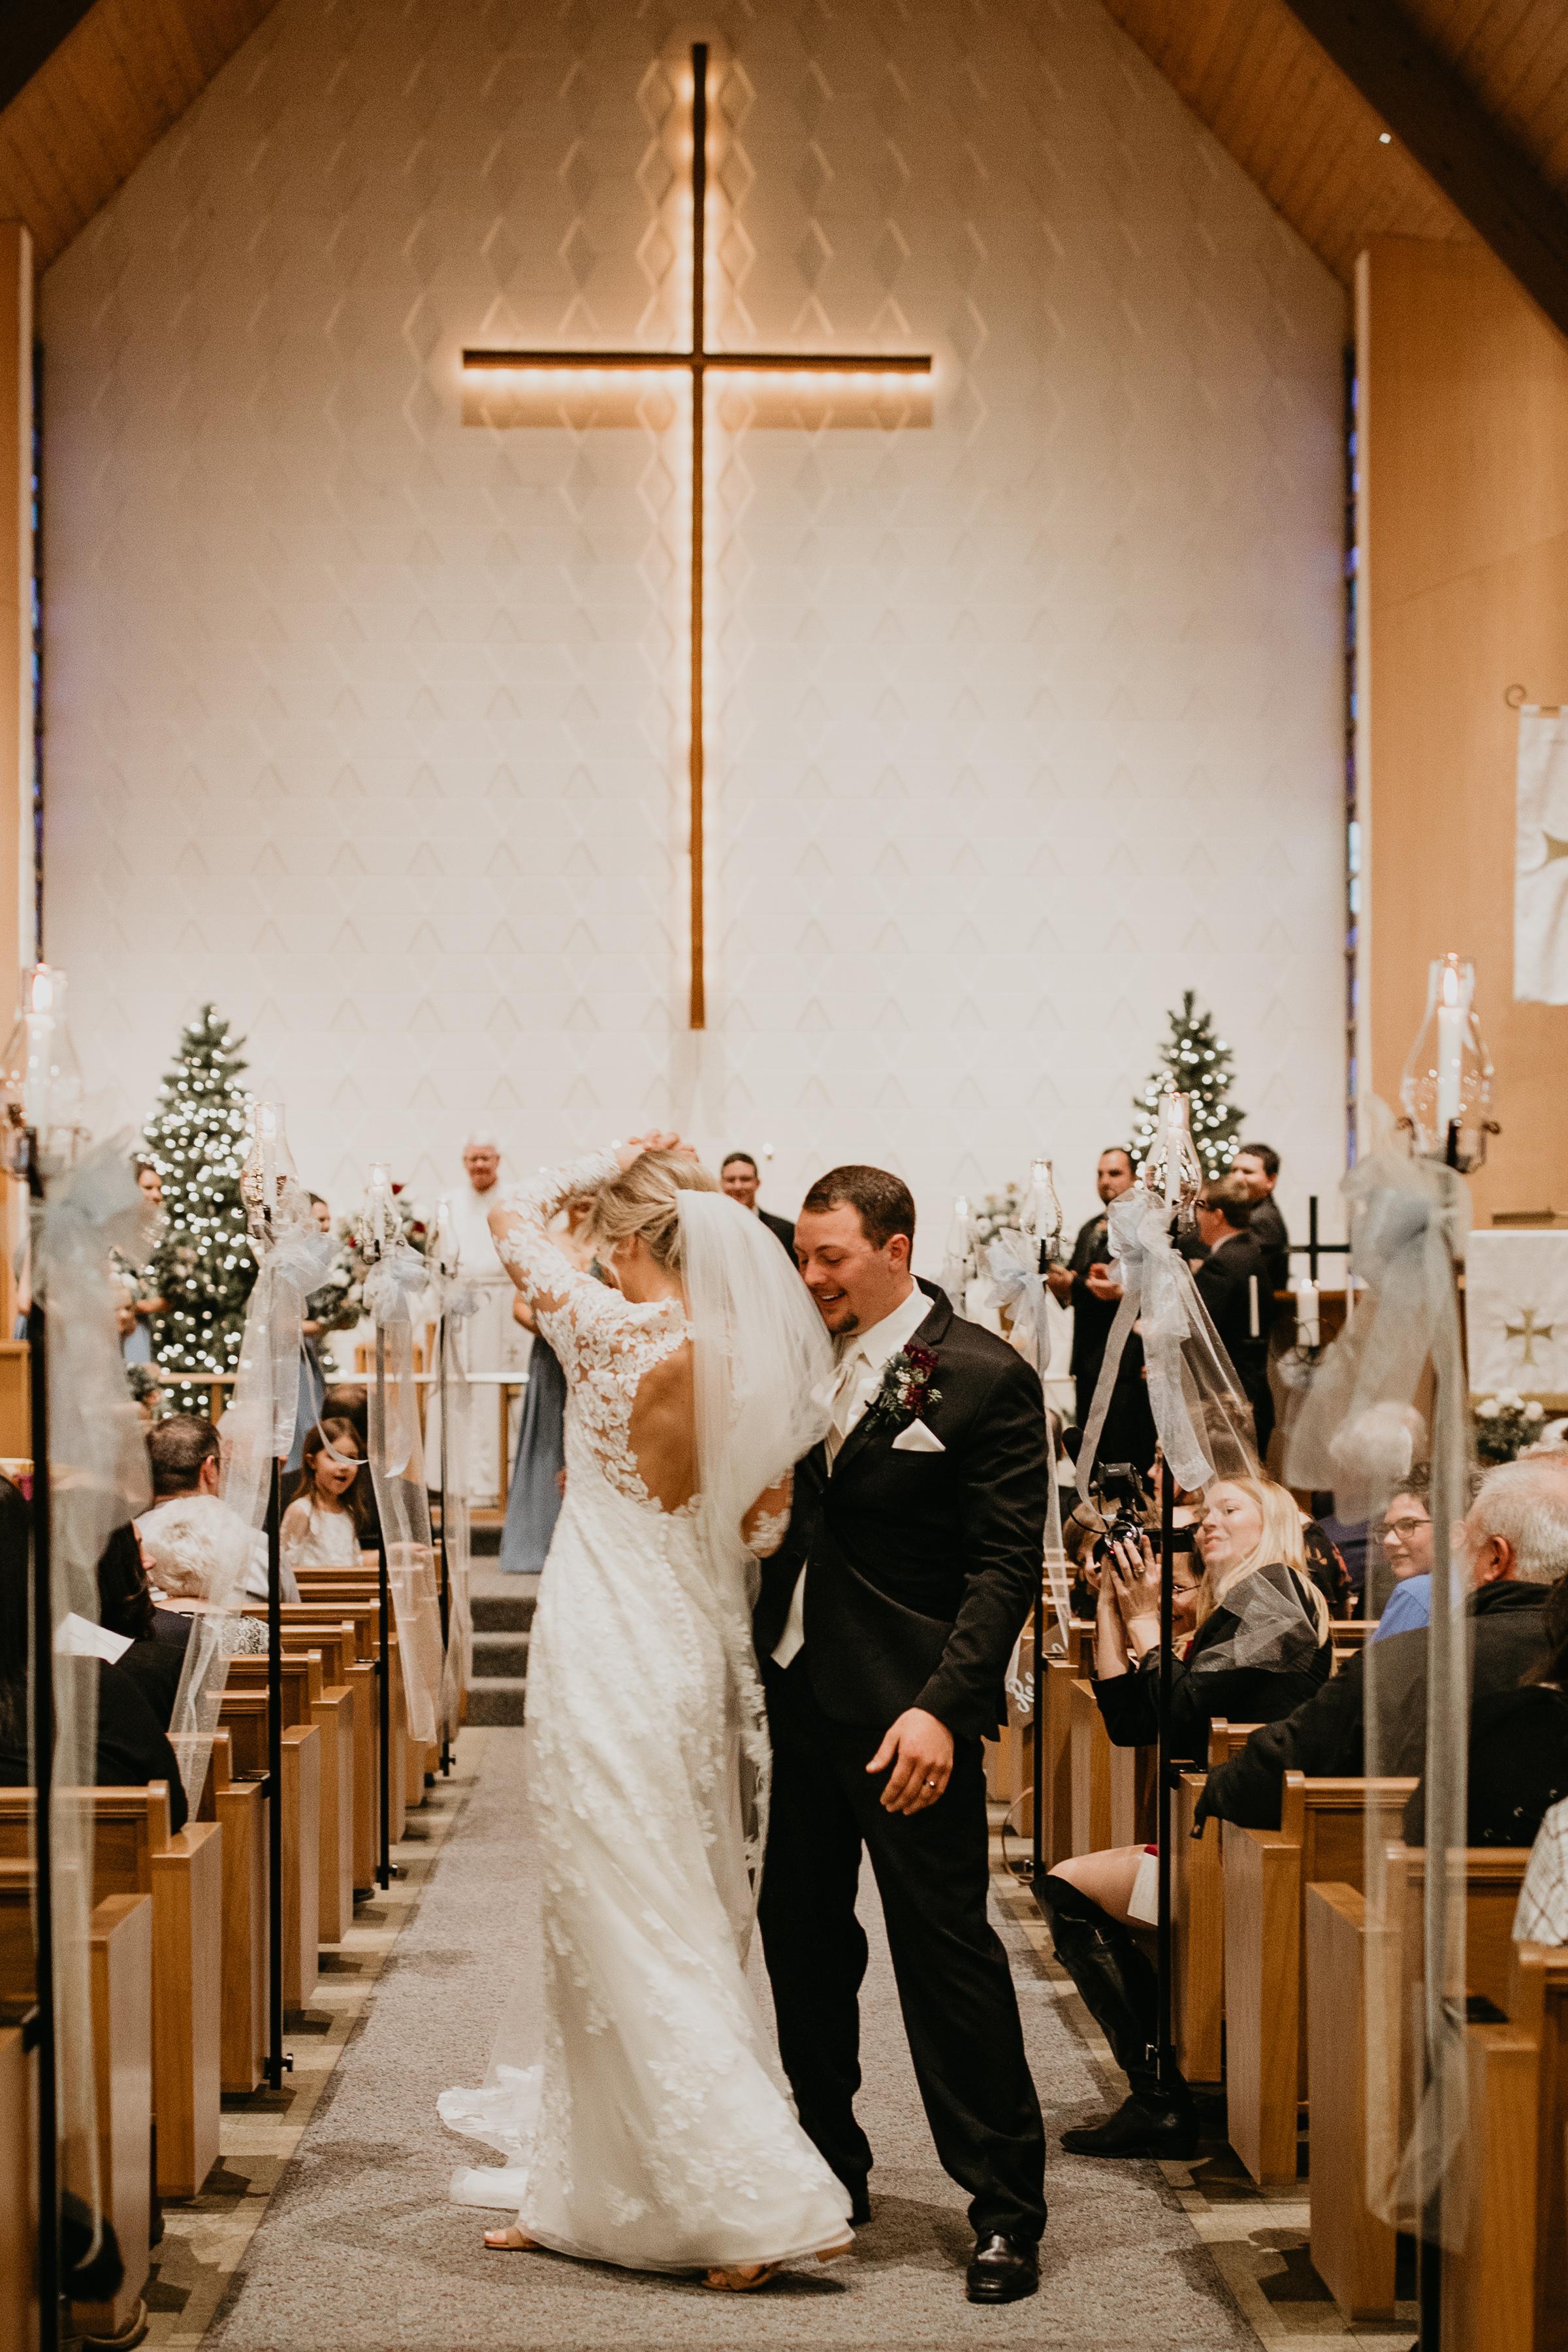 STADHEIM WED | Katie Wilke Co553.jpg